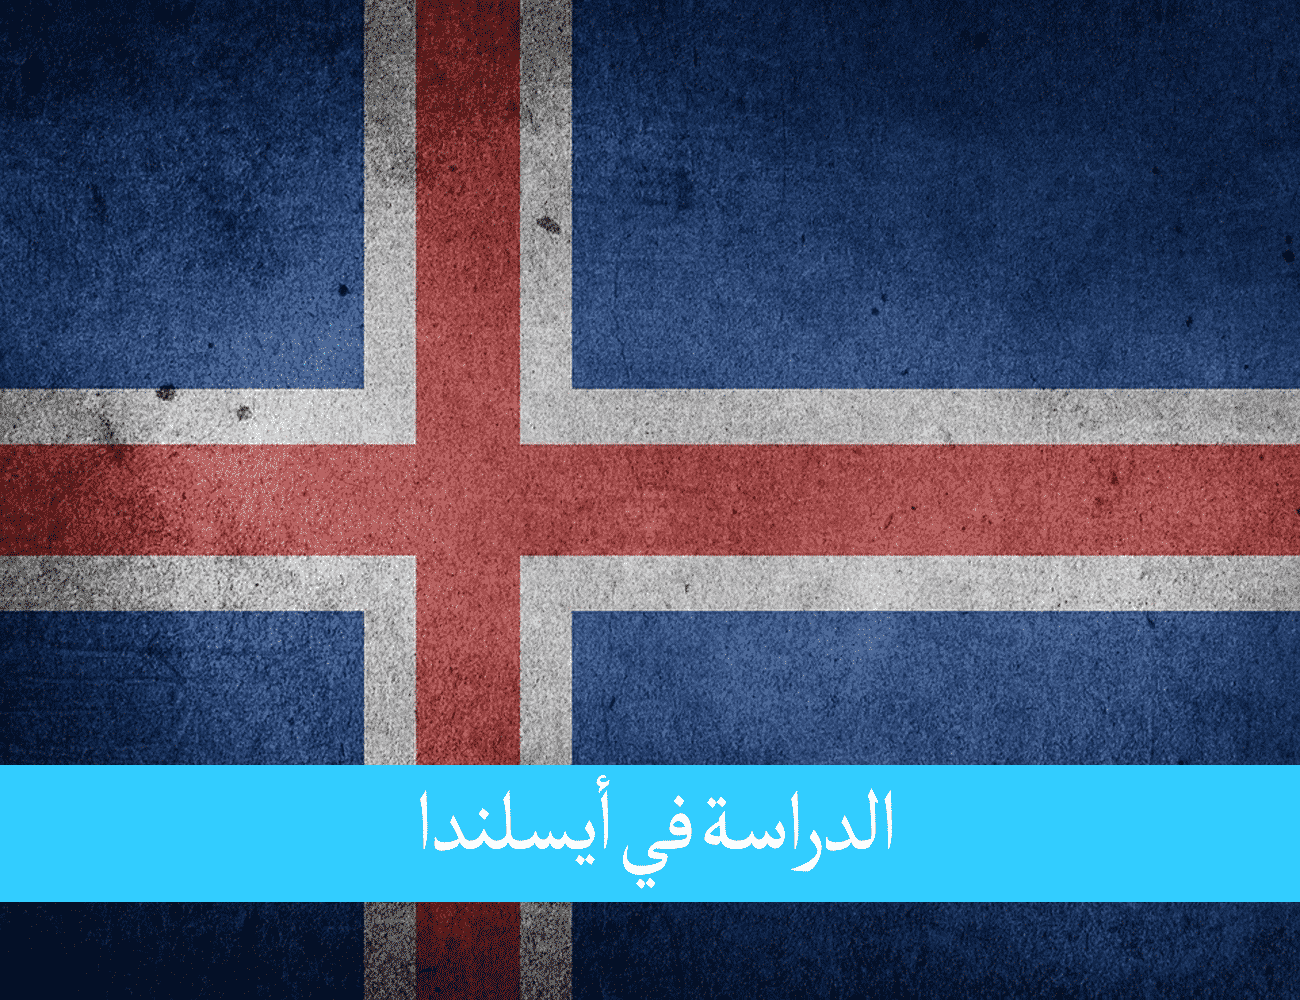 الدراسة في أيسلندا للمغاربة أرض النار والجليد المذهلة